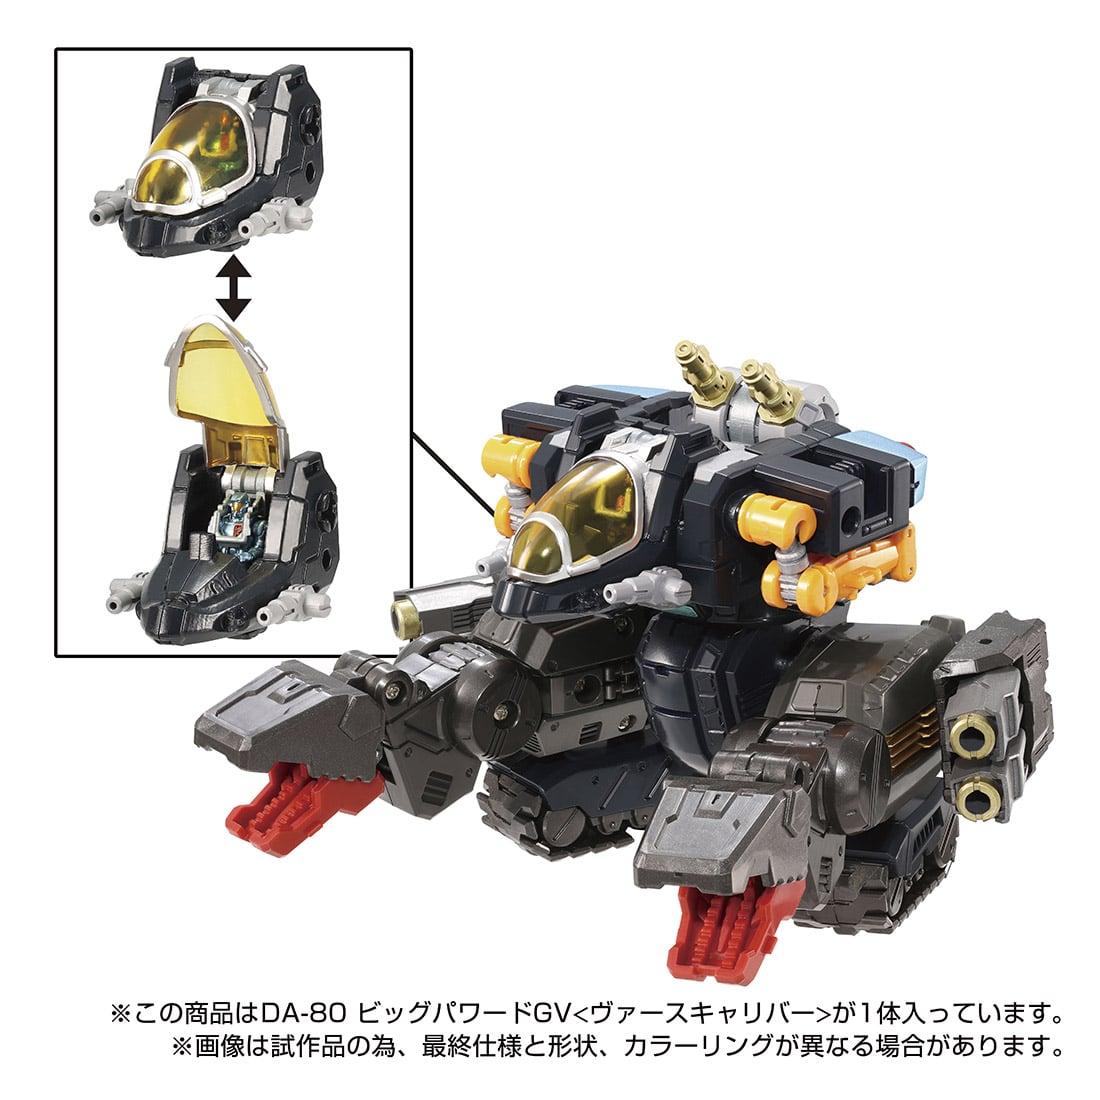 ダイアクロン『DA-80 ビッグパワードGV〈ヴァースキャリバー〉』可変可動フィギュア-004